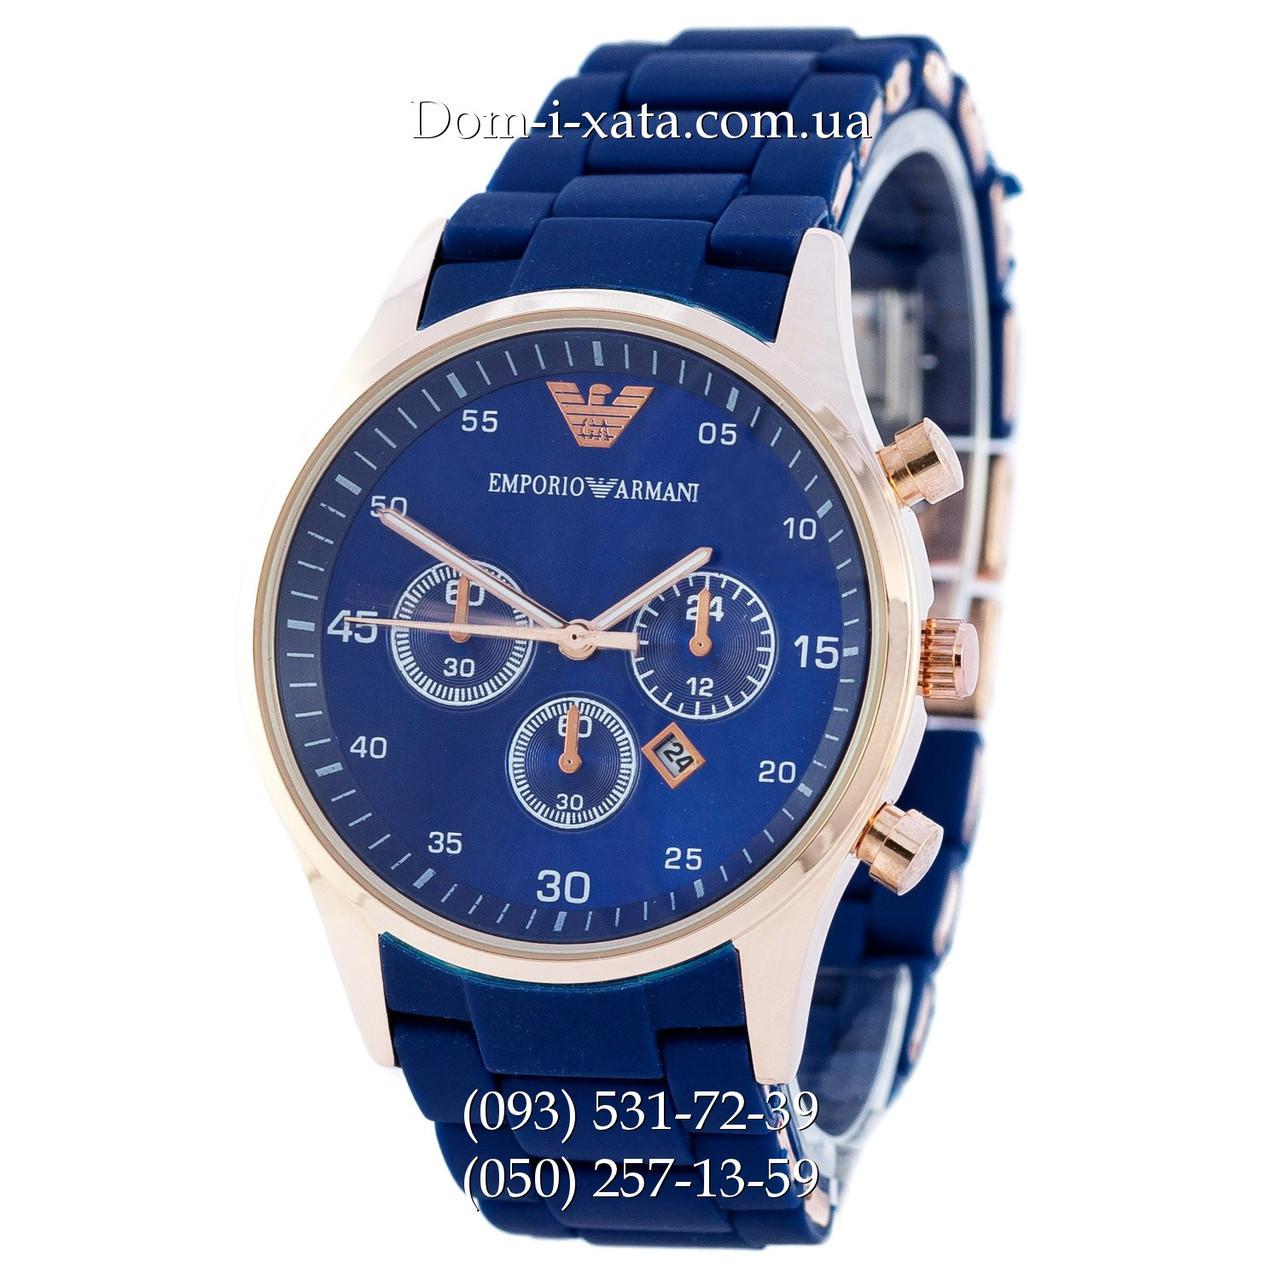 Мужские часы Emporio Armani blue-gold, элитные часы Эмпорио Армани синие-золото, реплика, отличное качество!